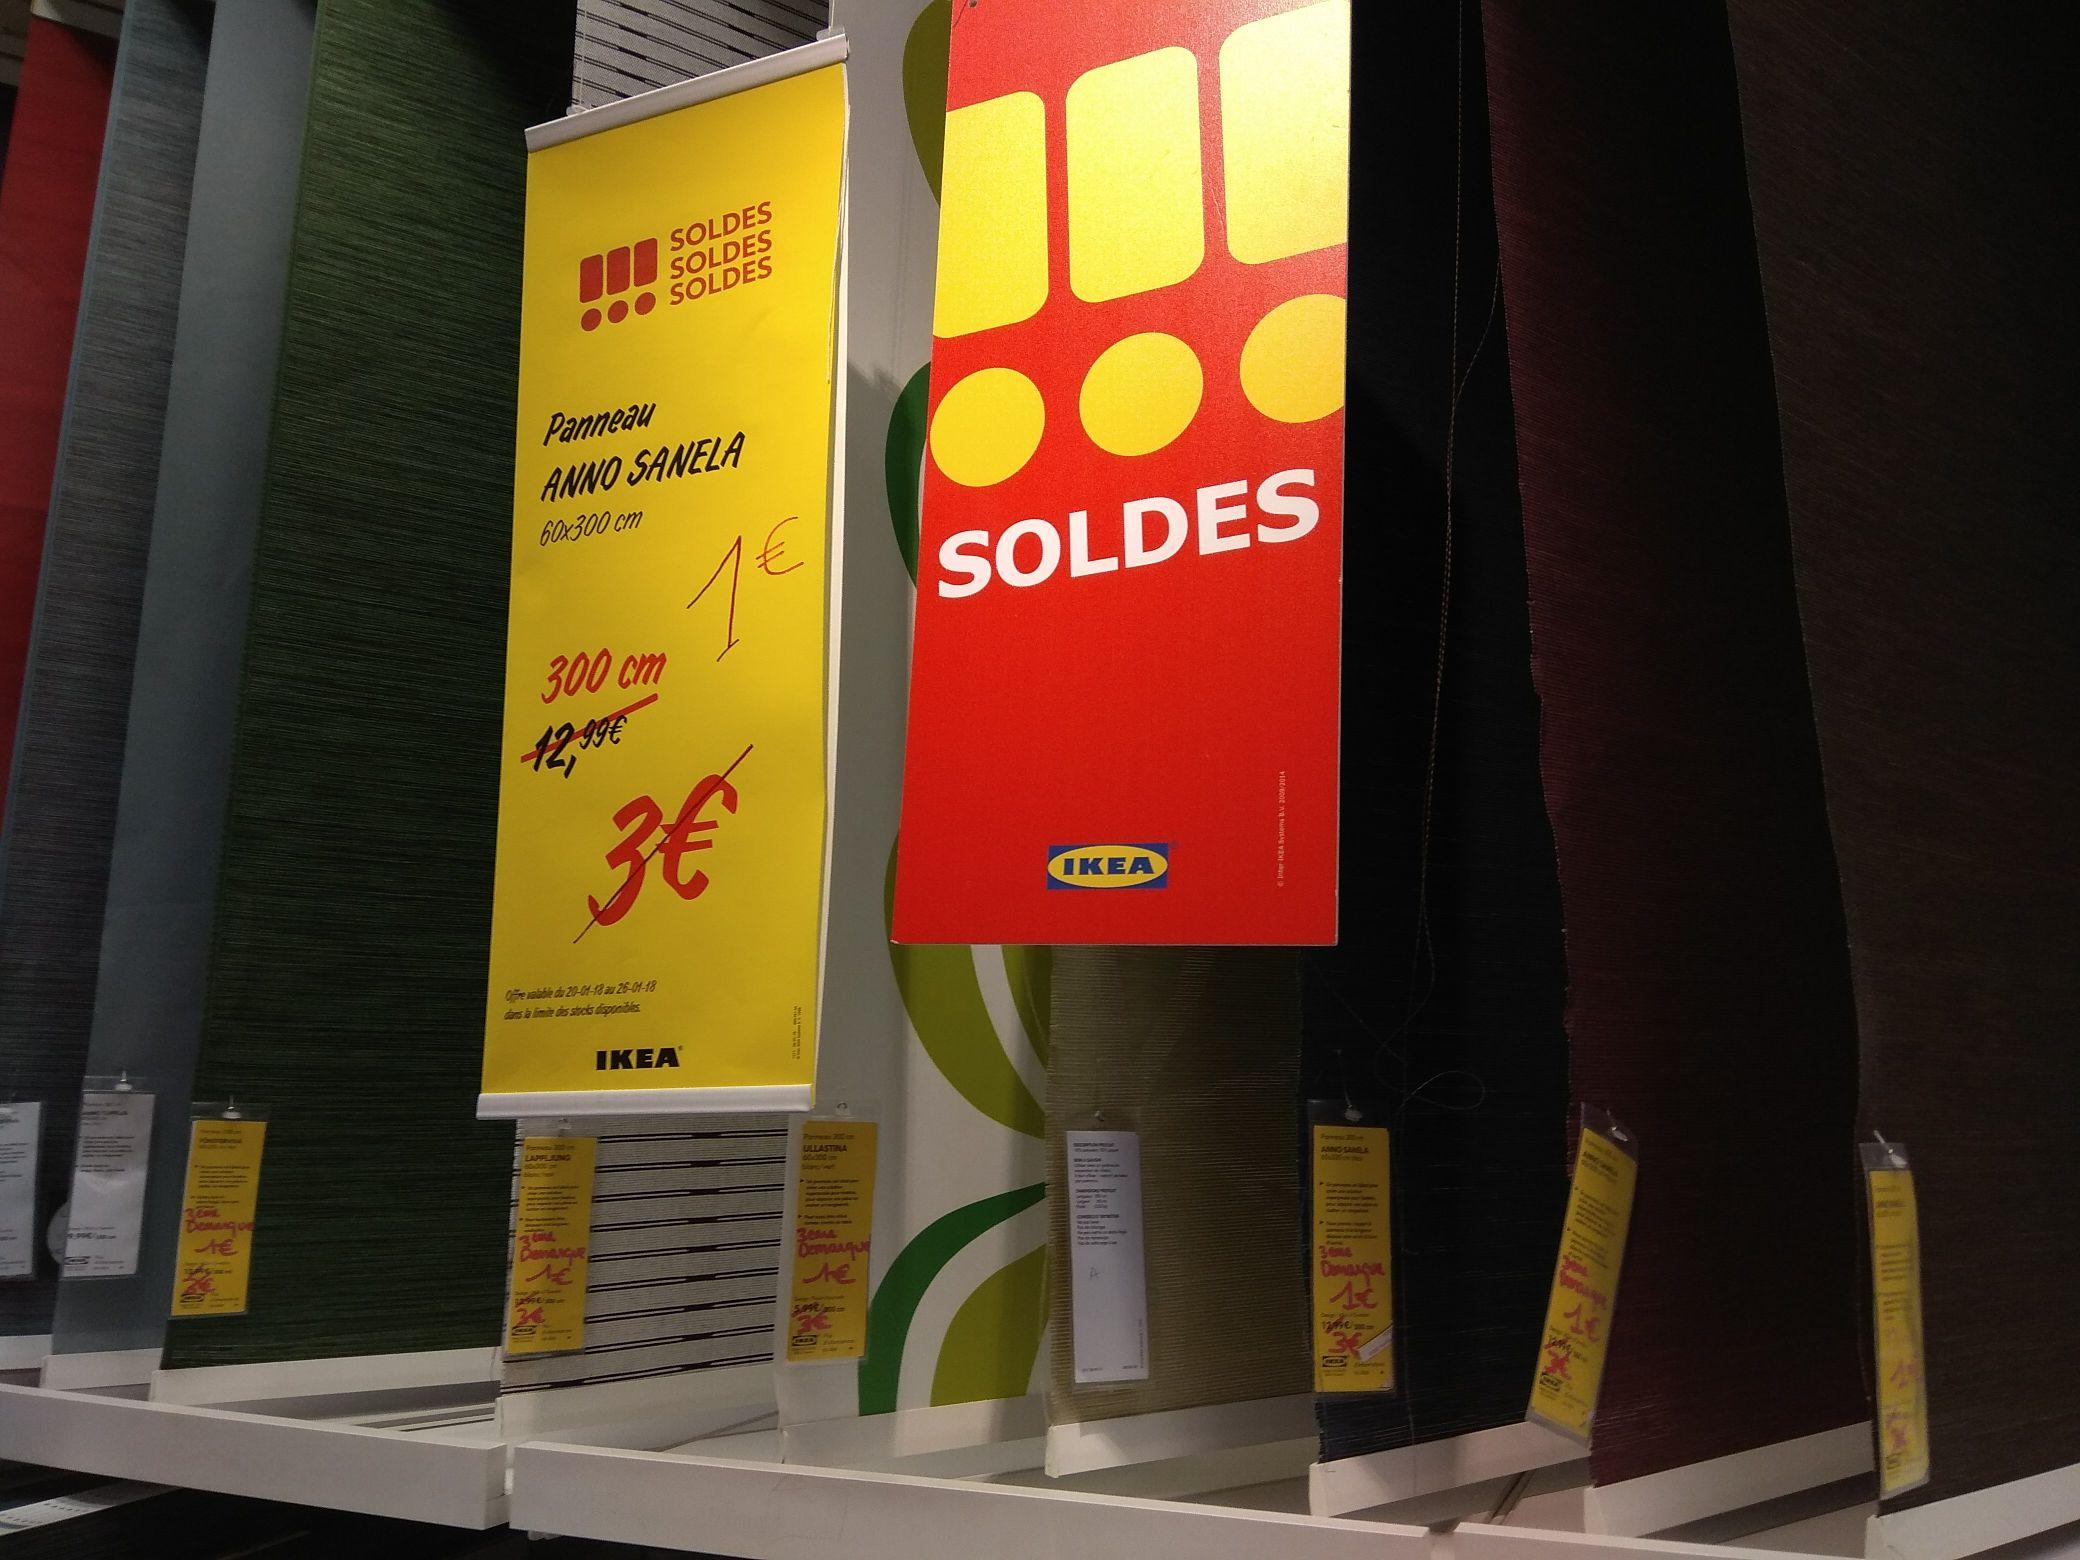 Panneaux Anno Sanela (60 x 300 cm) - Ikea Lomme (59)